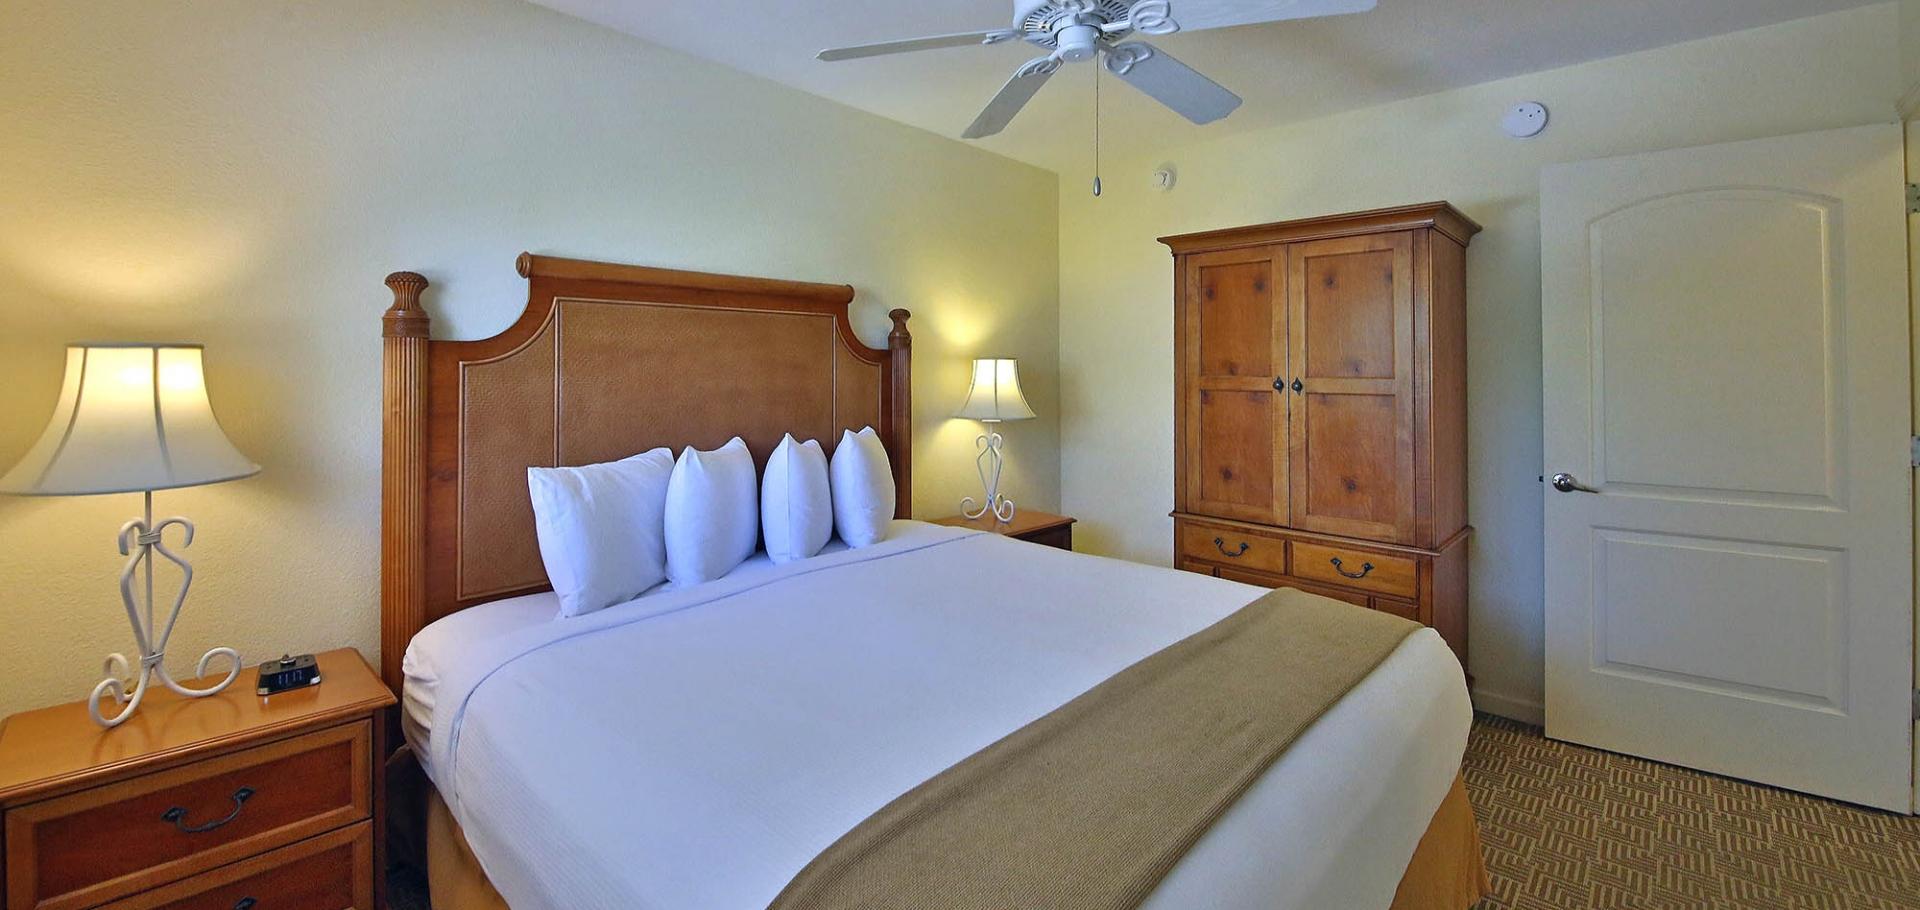 Sanibel Inn bedroom, hotels on Sanibel Island